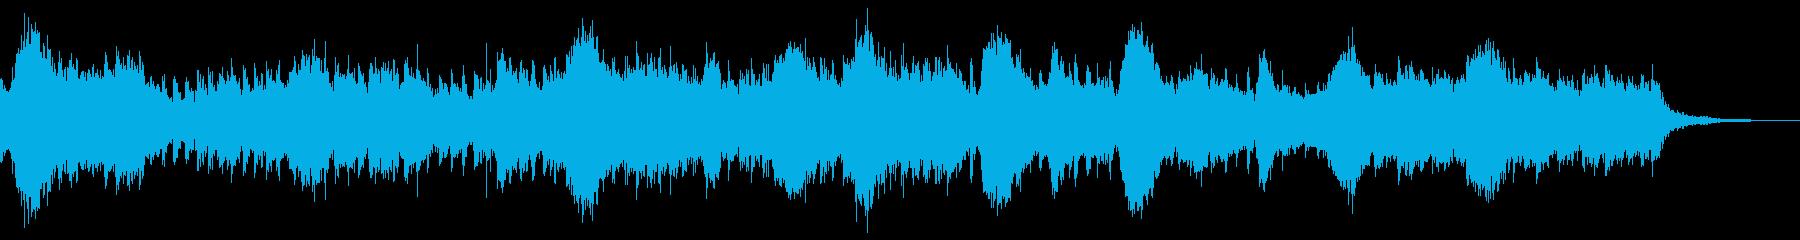 ミステリアスなストリングスとアルペジオの再生済みの波形